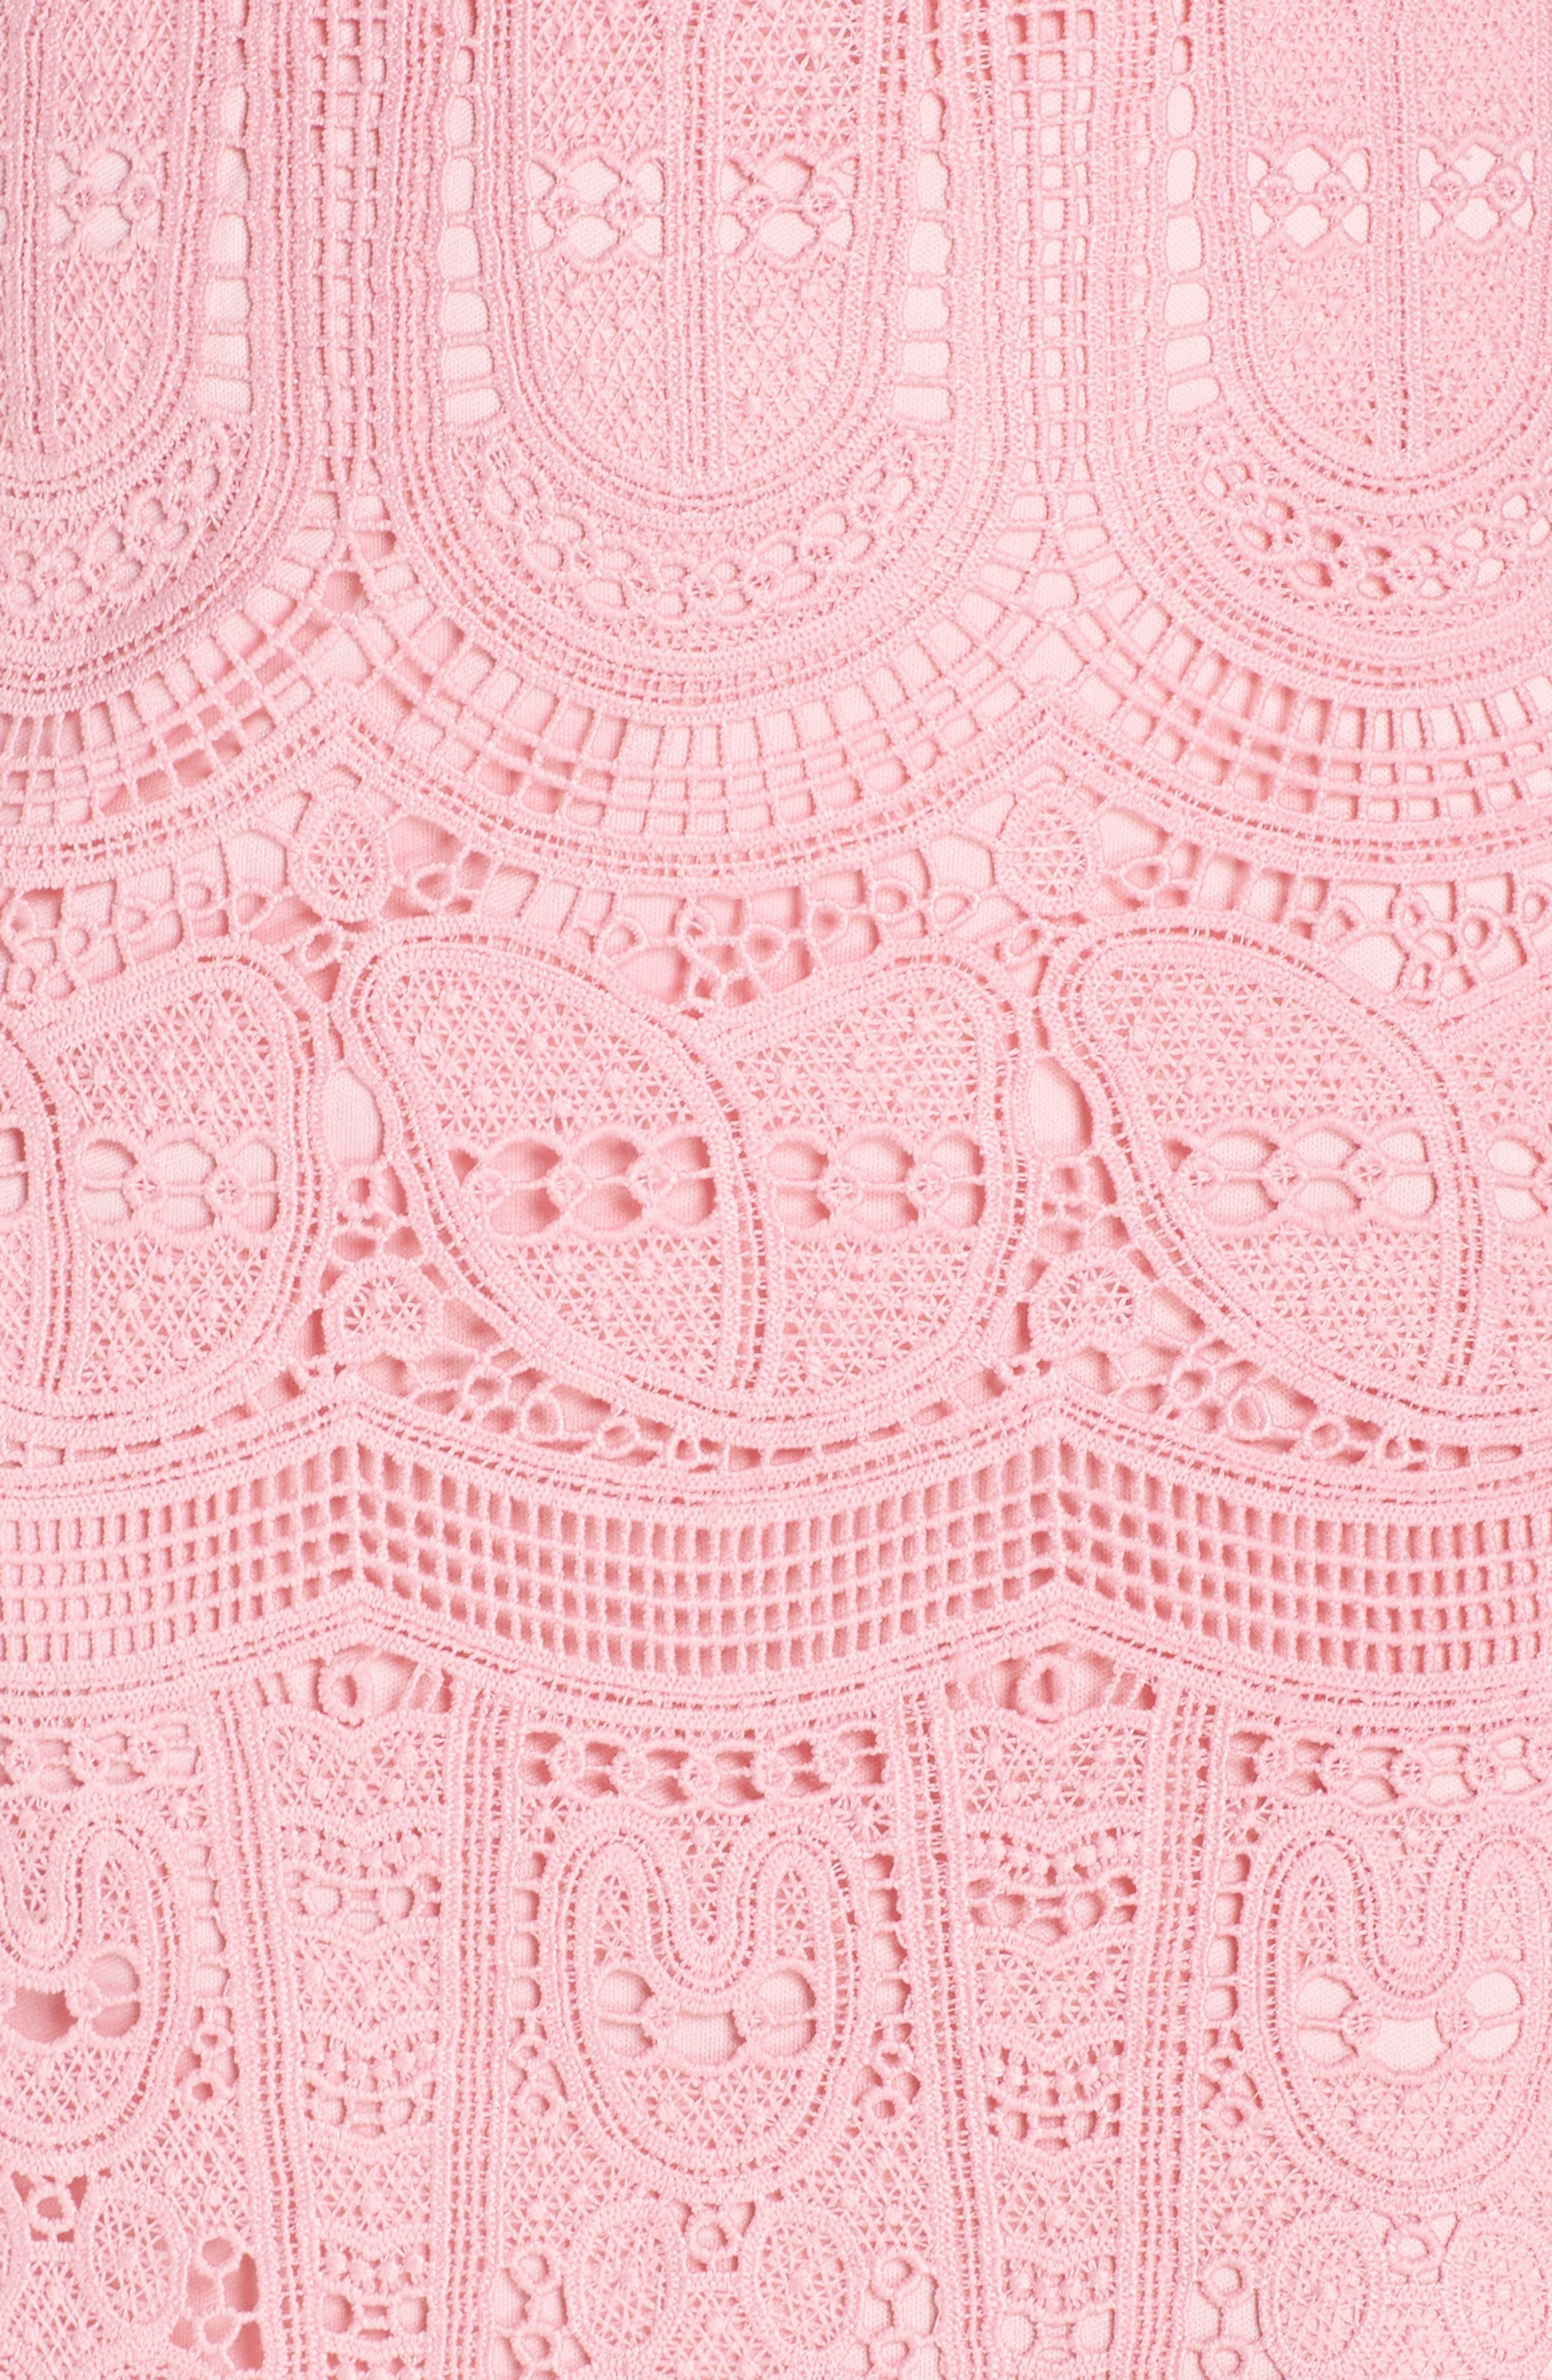 Grace One-Shoulder Lace Sheath Dress,                             Alternate thumbnail 6, color,                             PINK